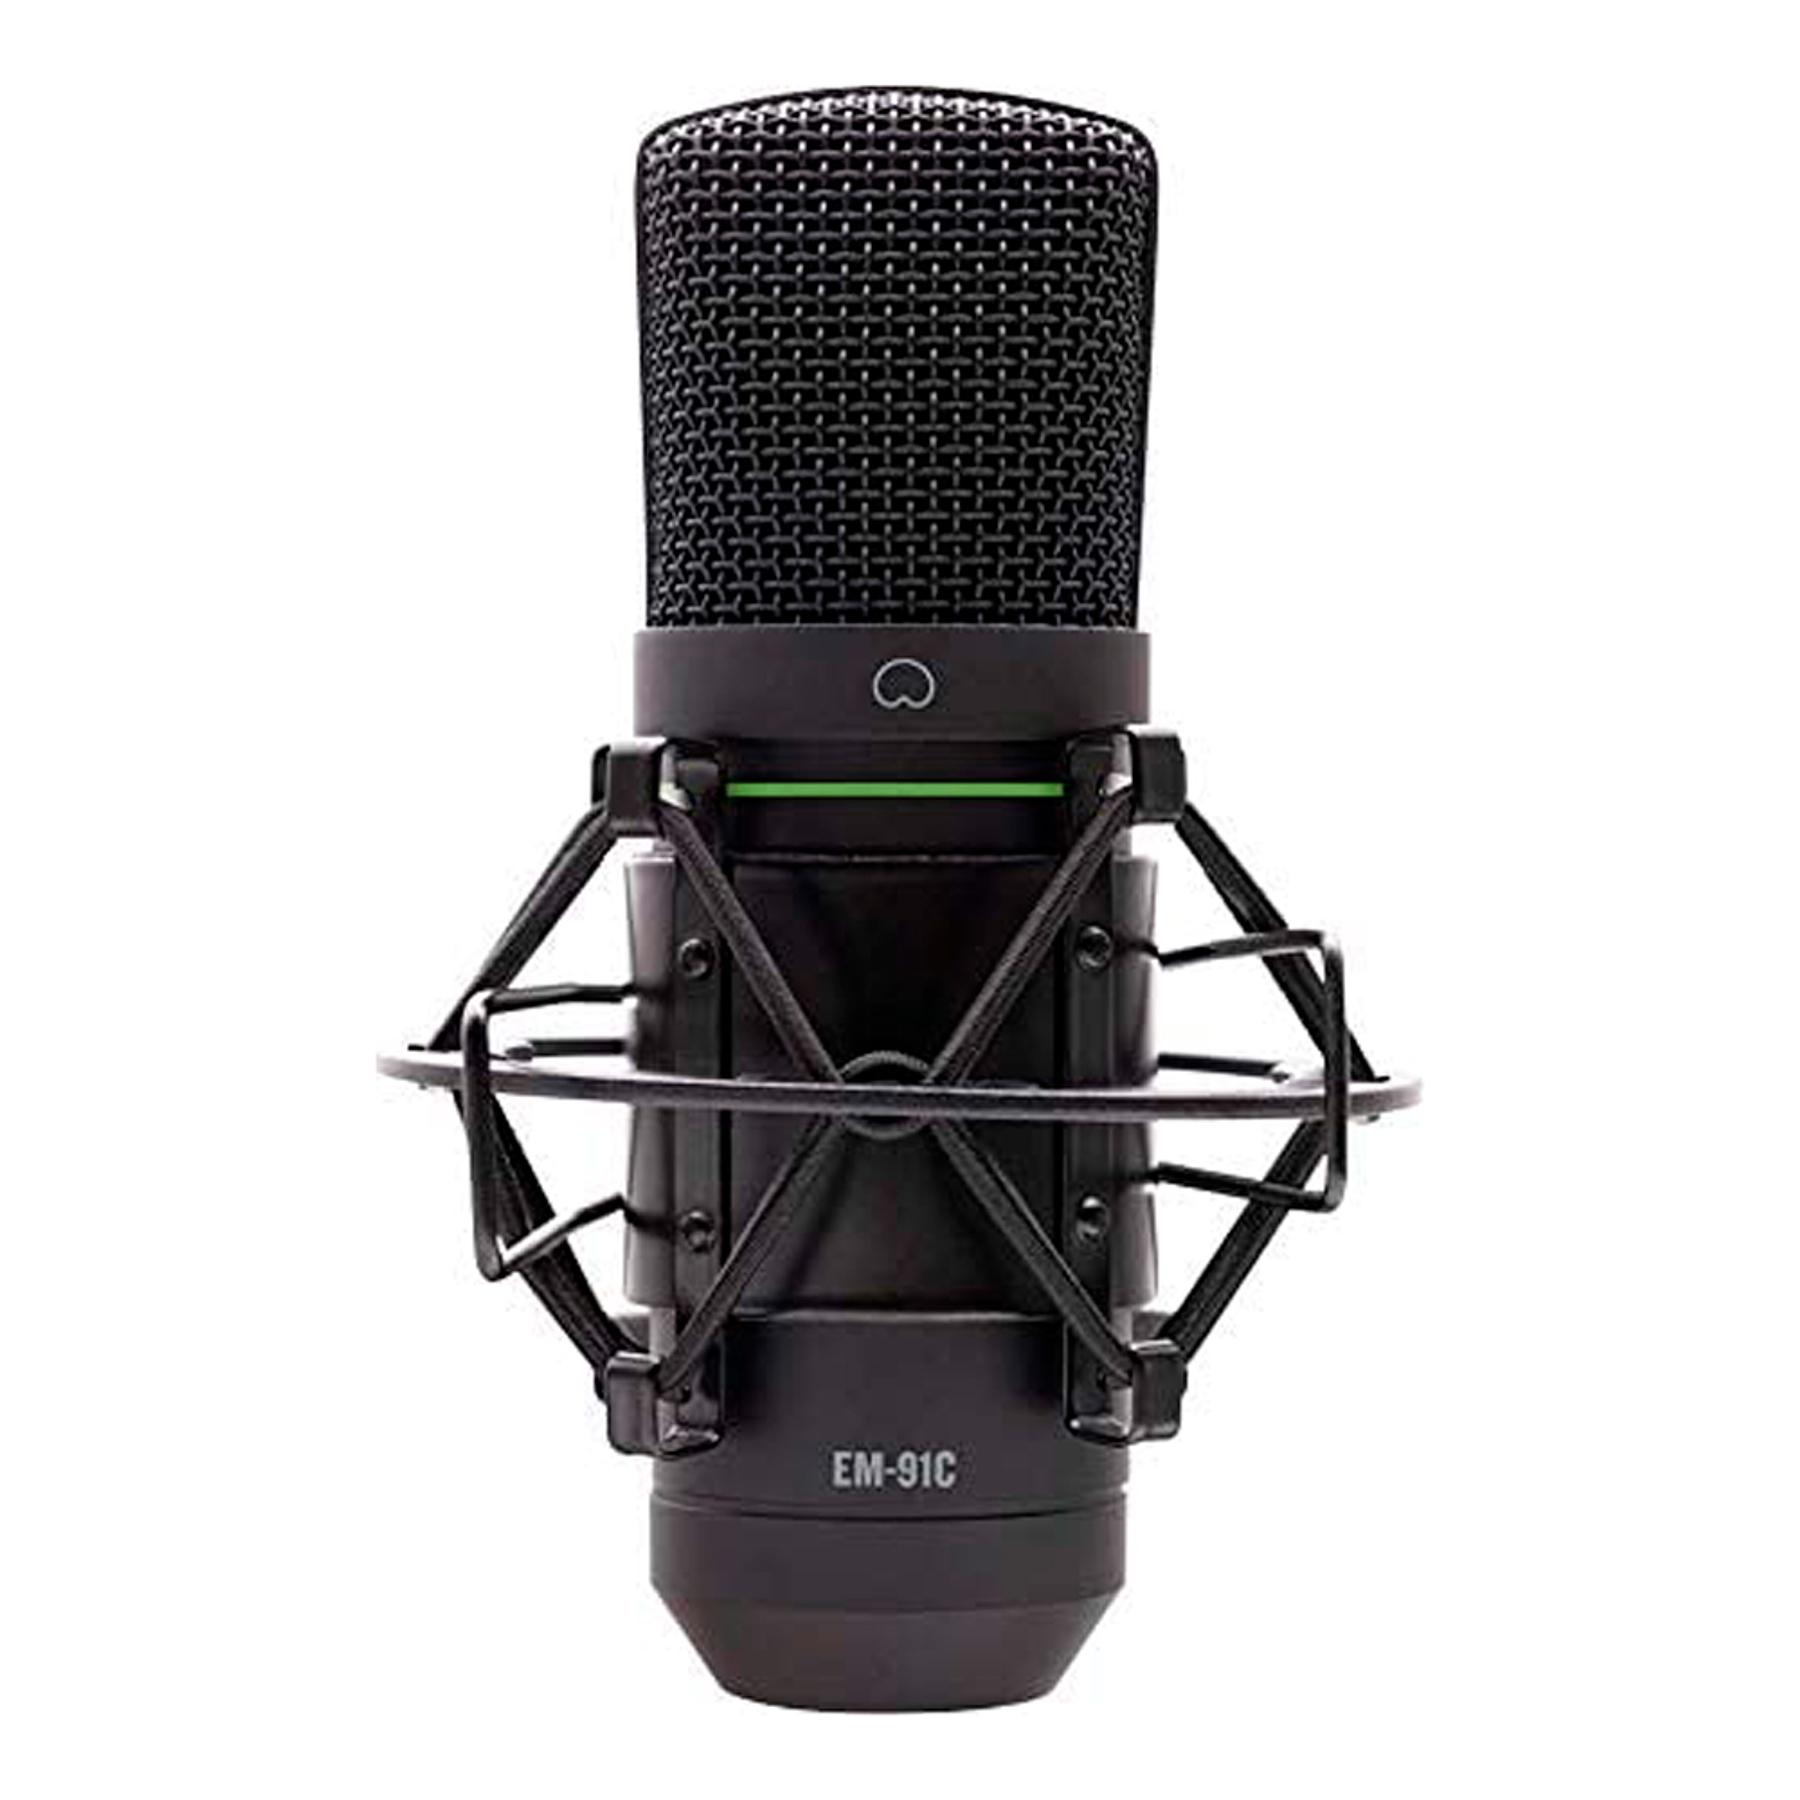 Micrófono Condensador EM-91C Diafragma Grande Mackie